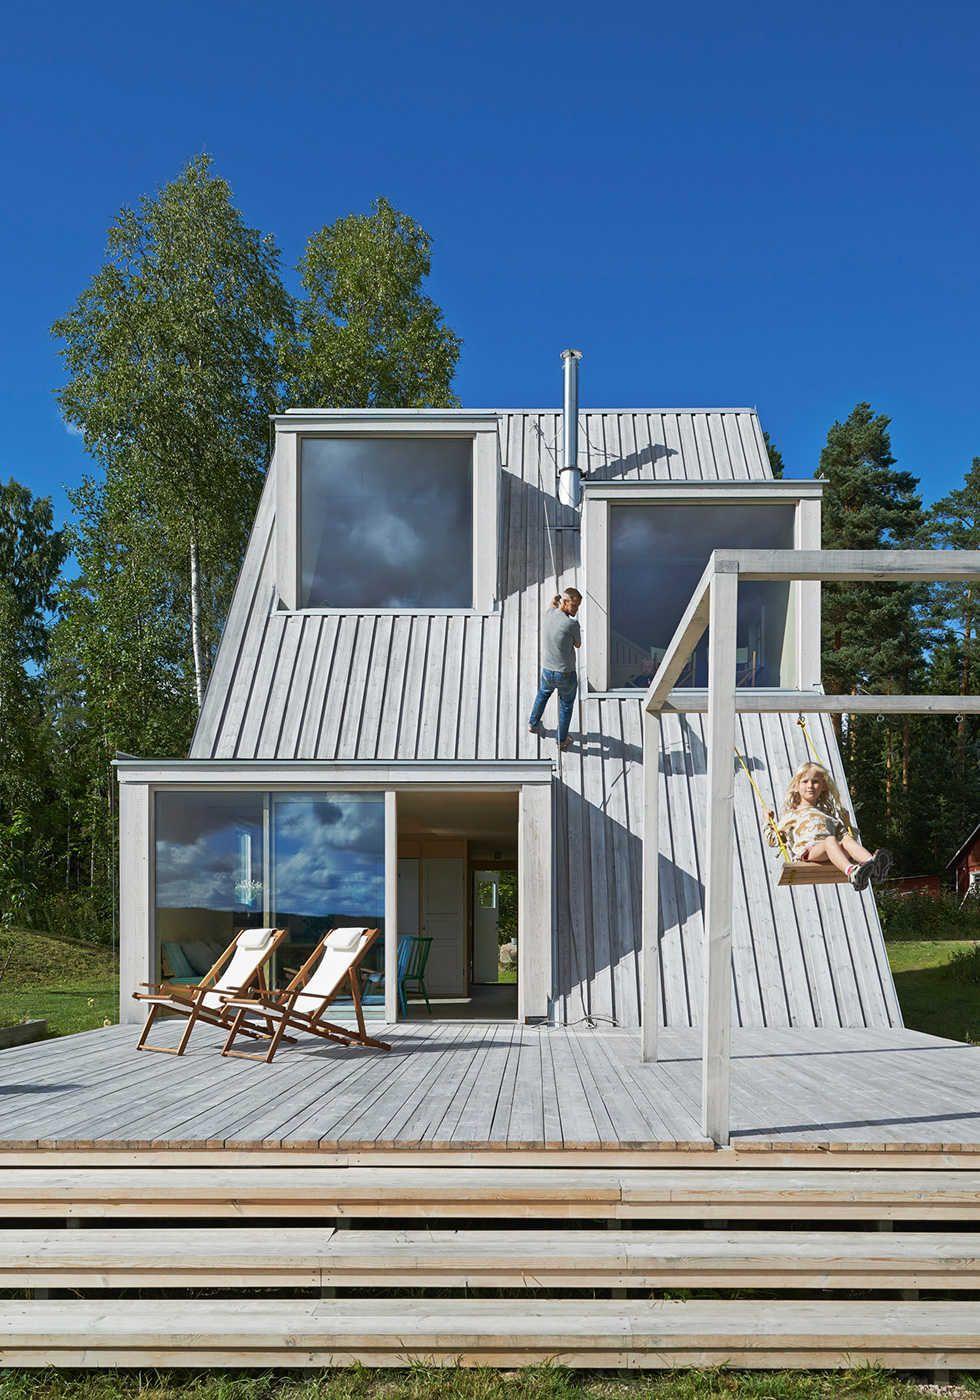 Mer än ett hus bild 2 | Architecture | Pinterest | Architecture ...